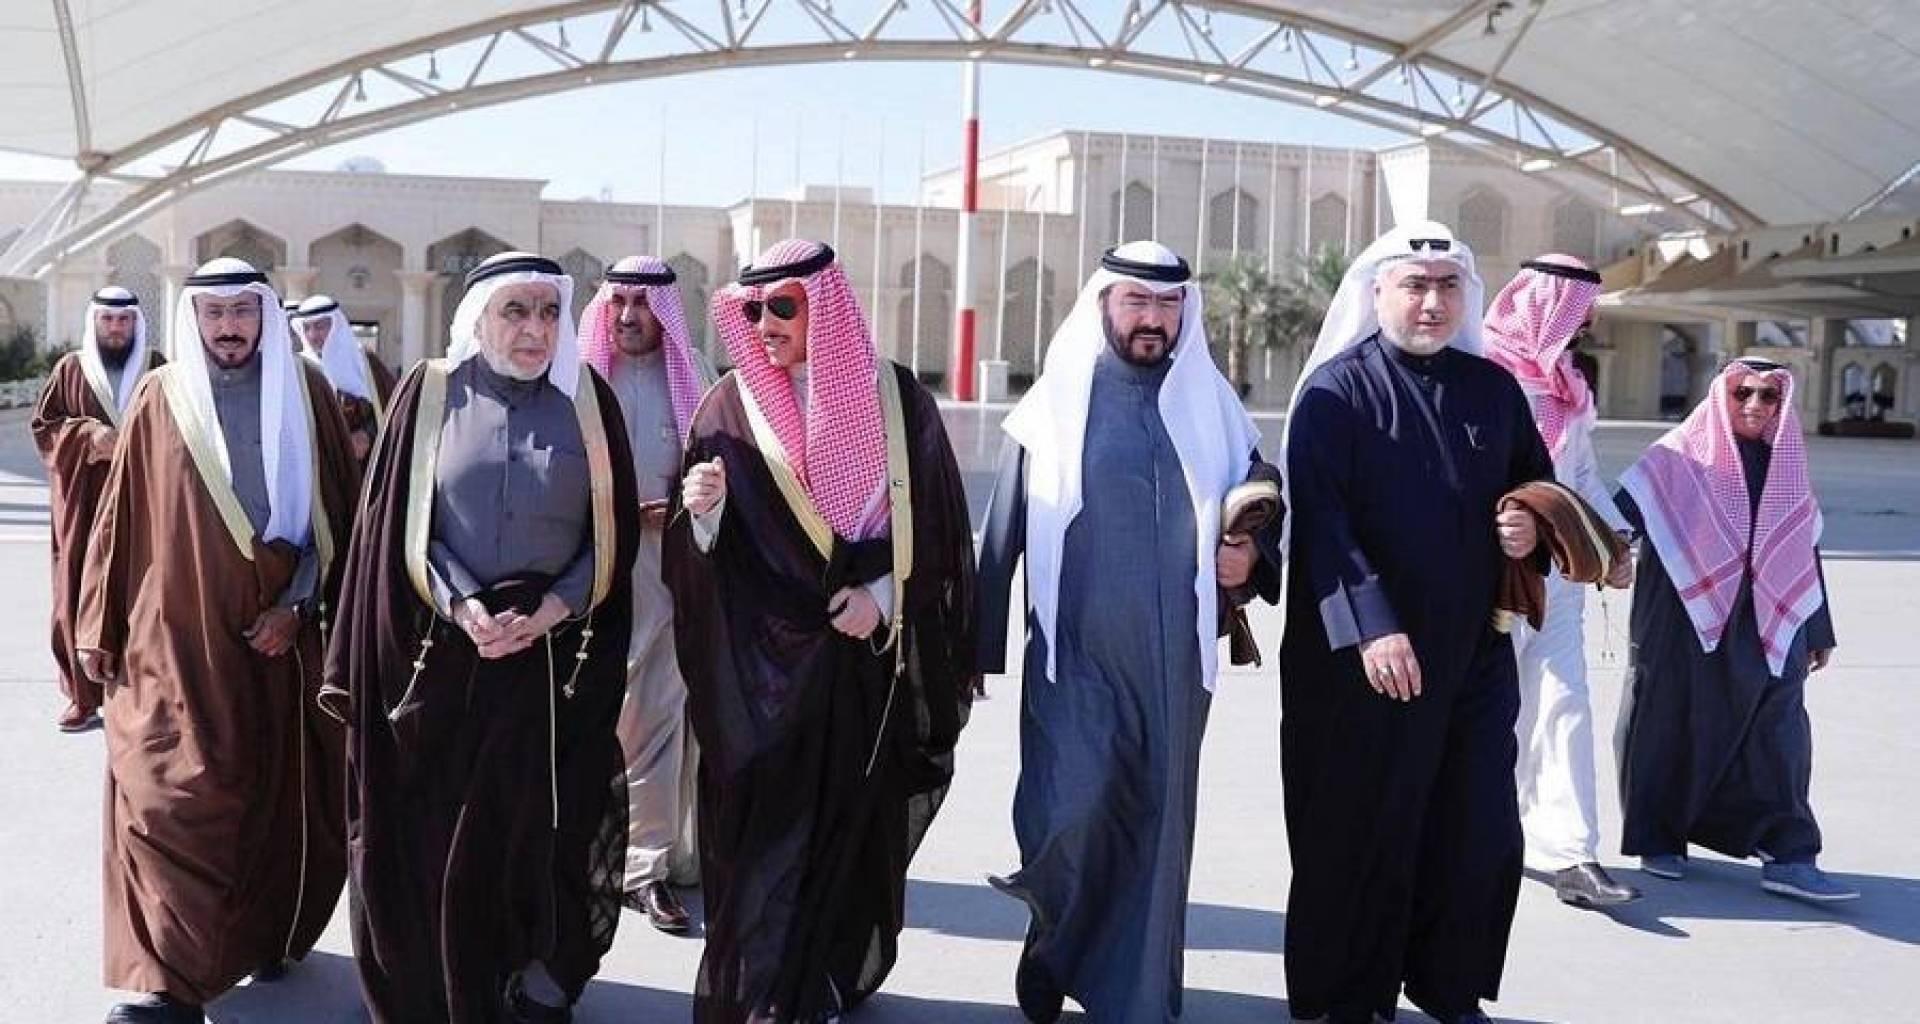 الرئيس الغانم يتوجه إلى مسقط لتقديم واجب العزاء بوفاة السلطان قابوس